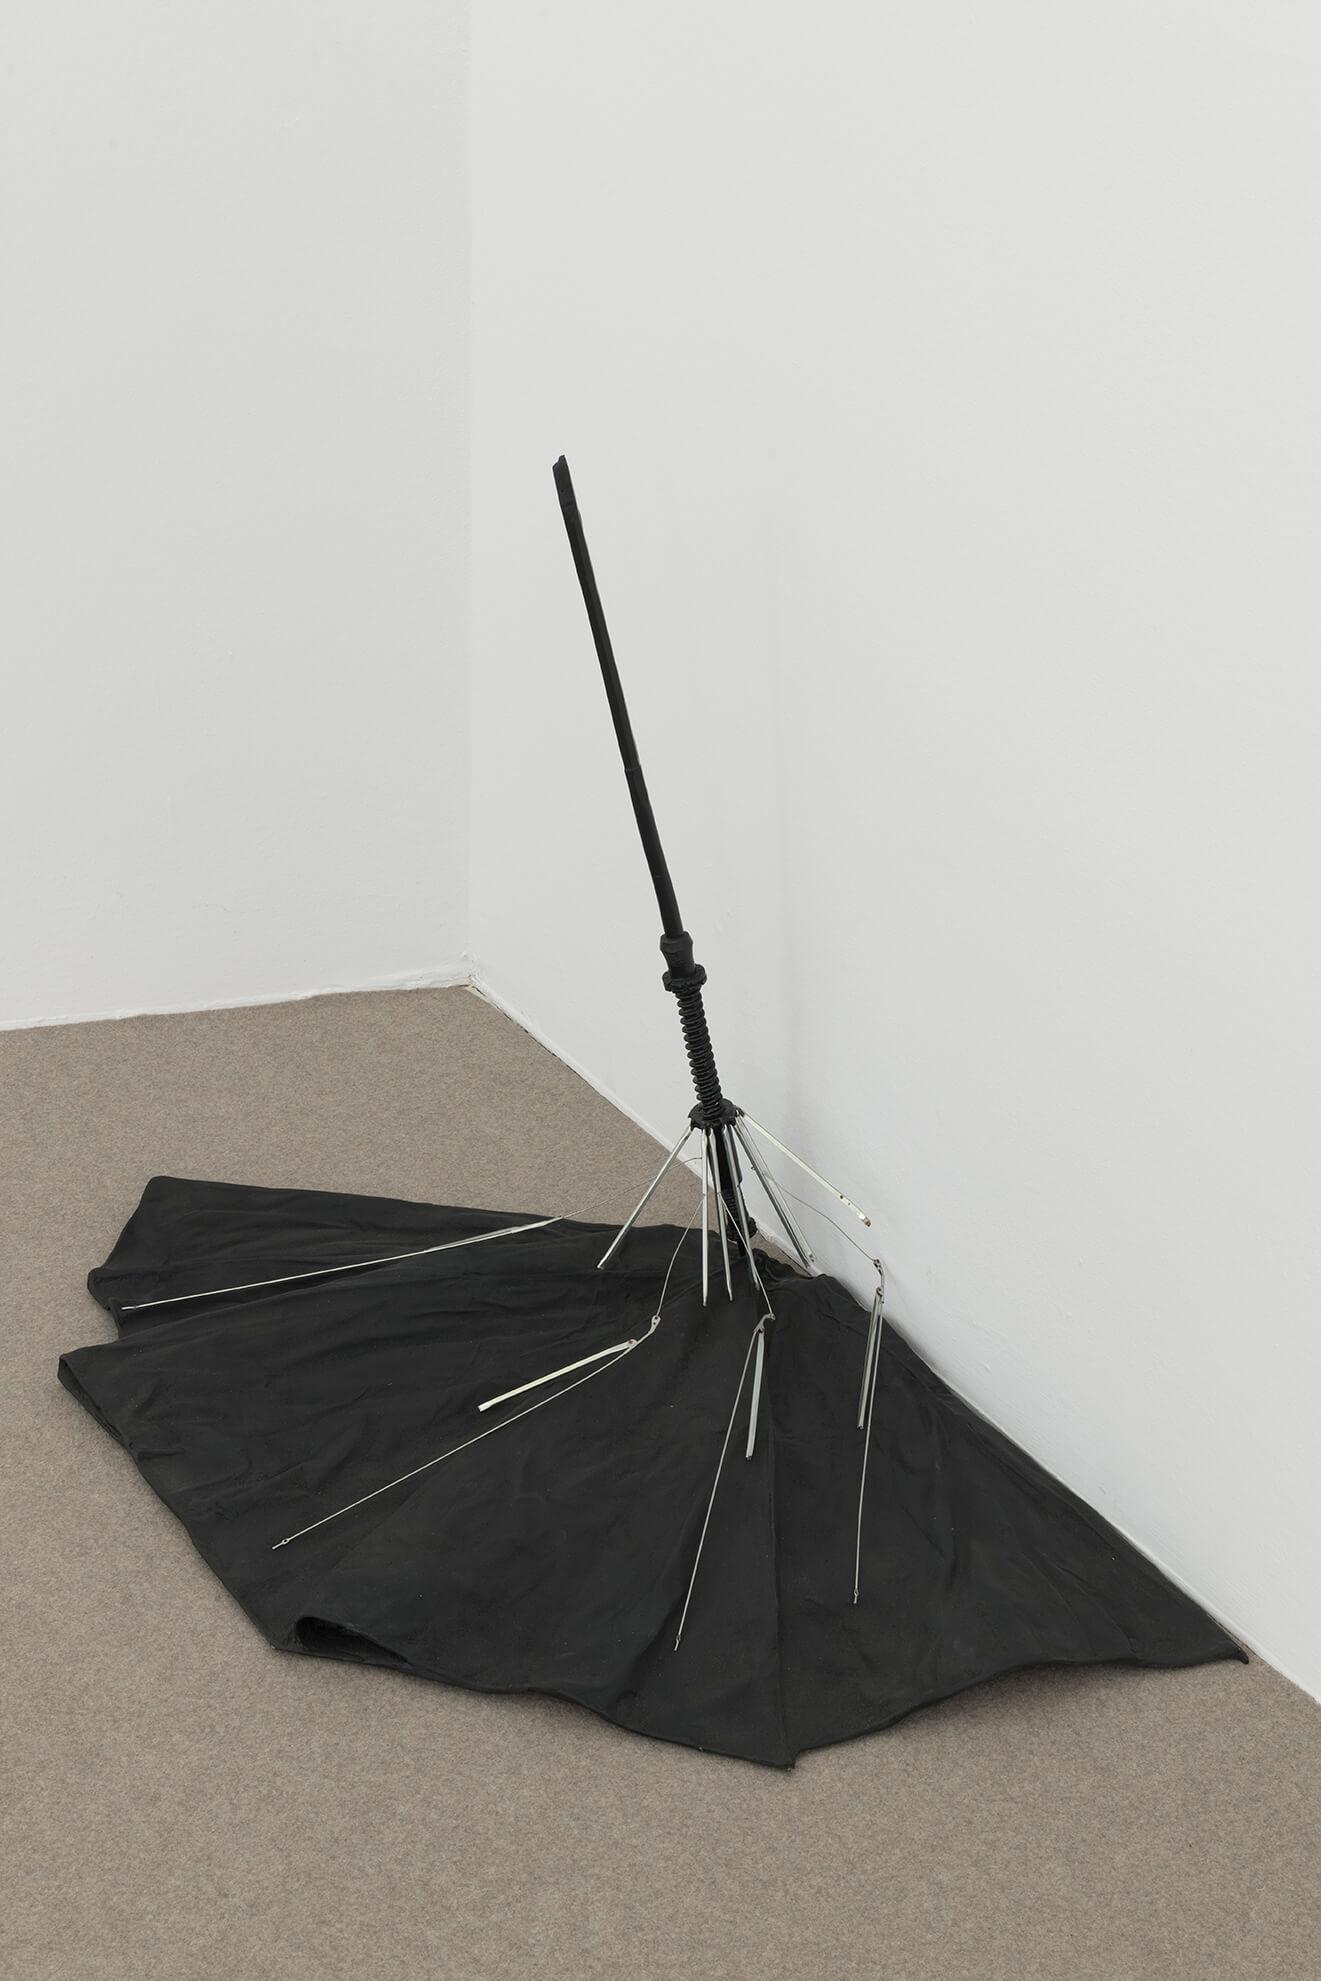 Precipitation (black), 2019 | America | ProjecteSD